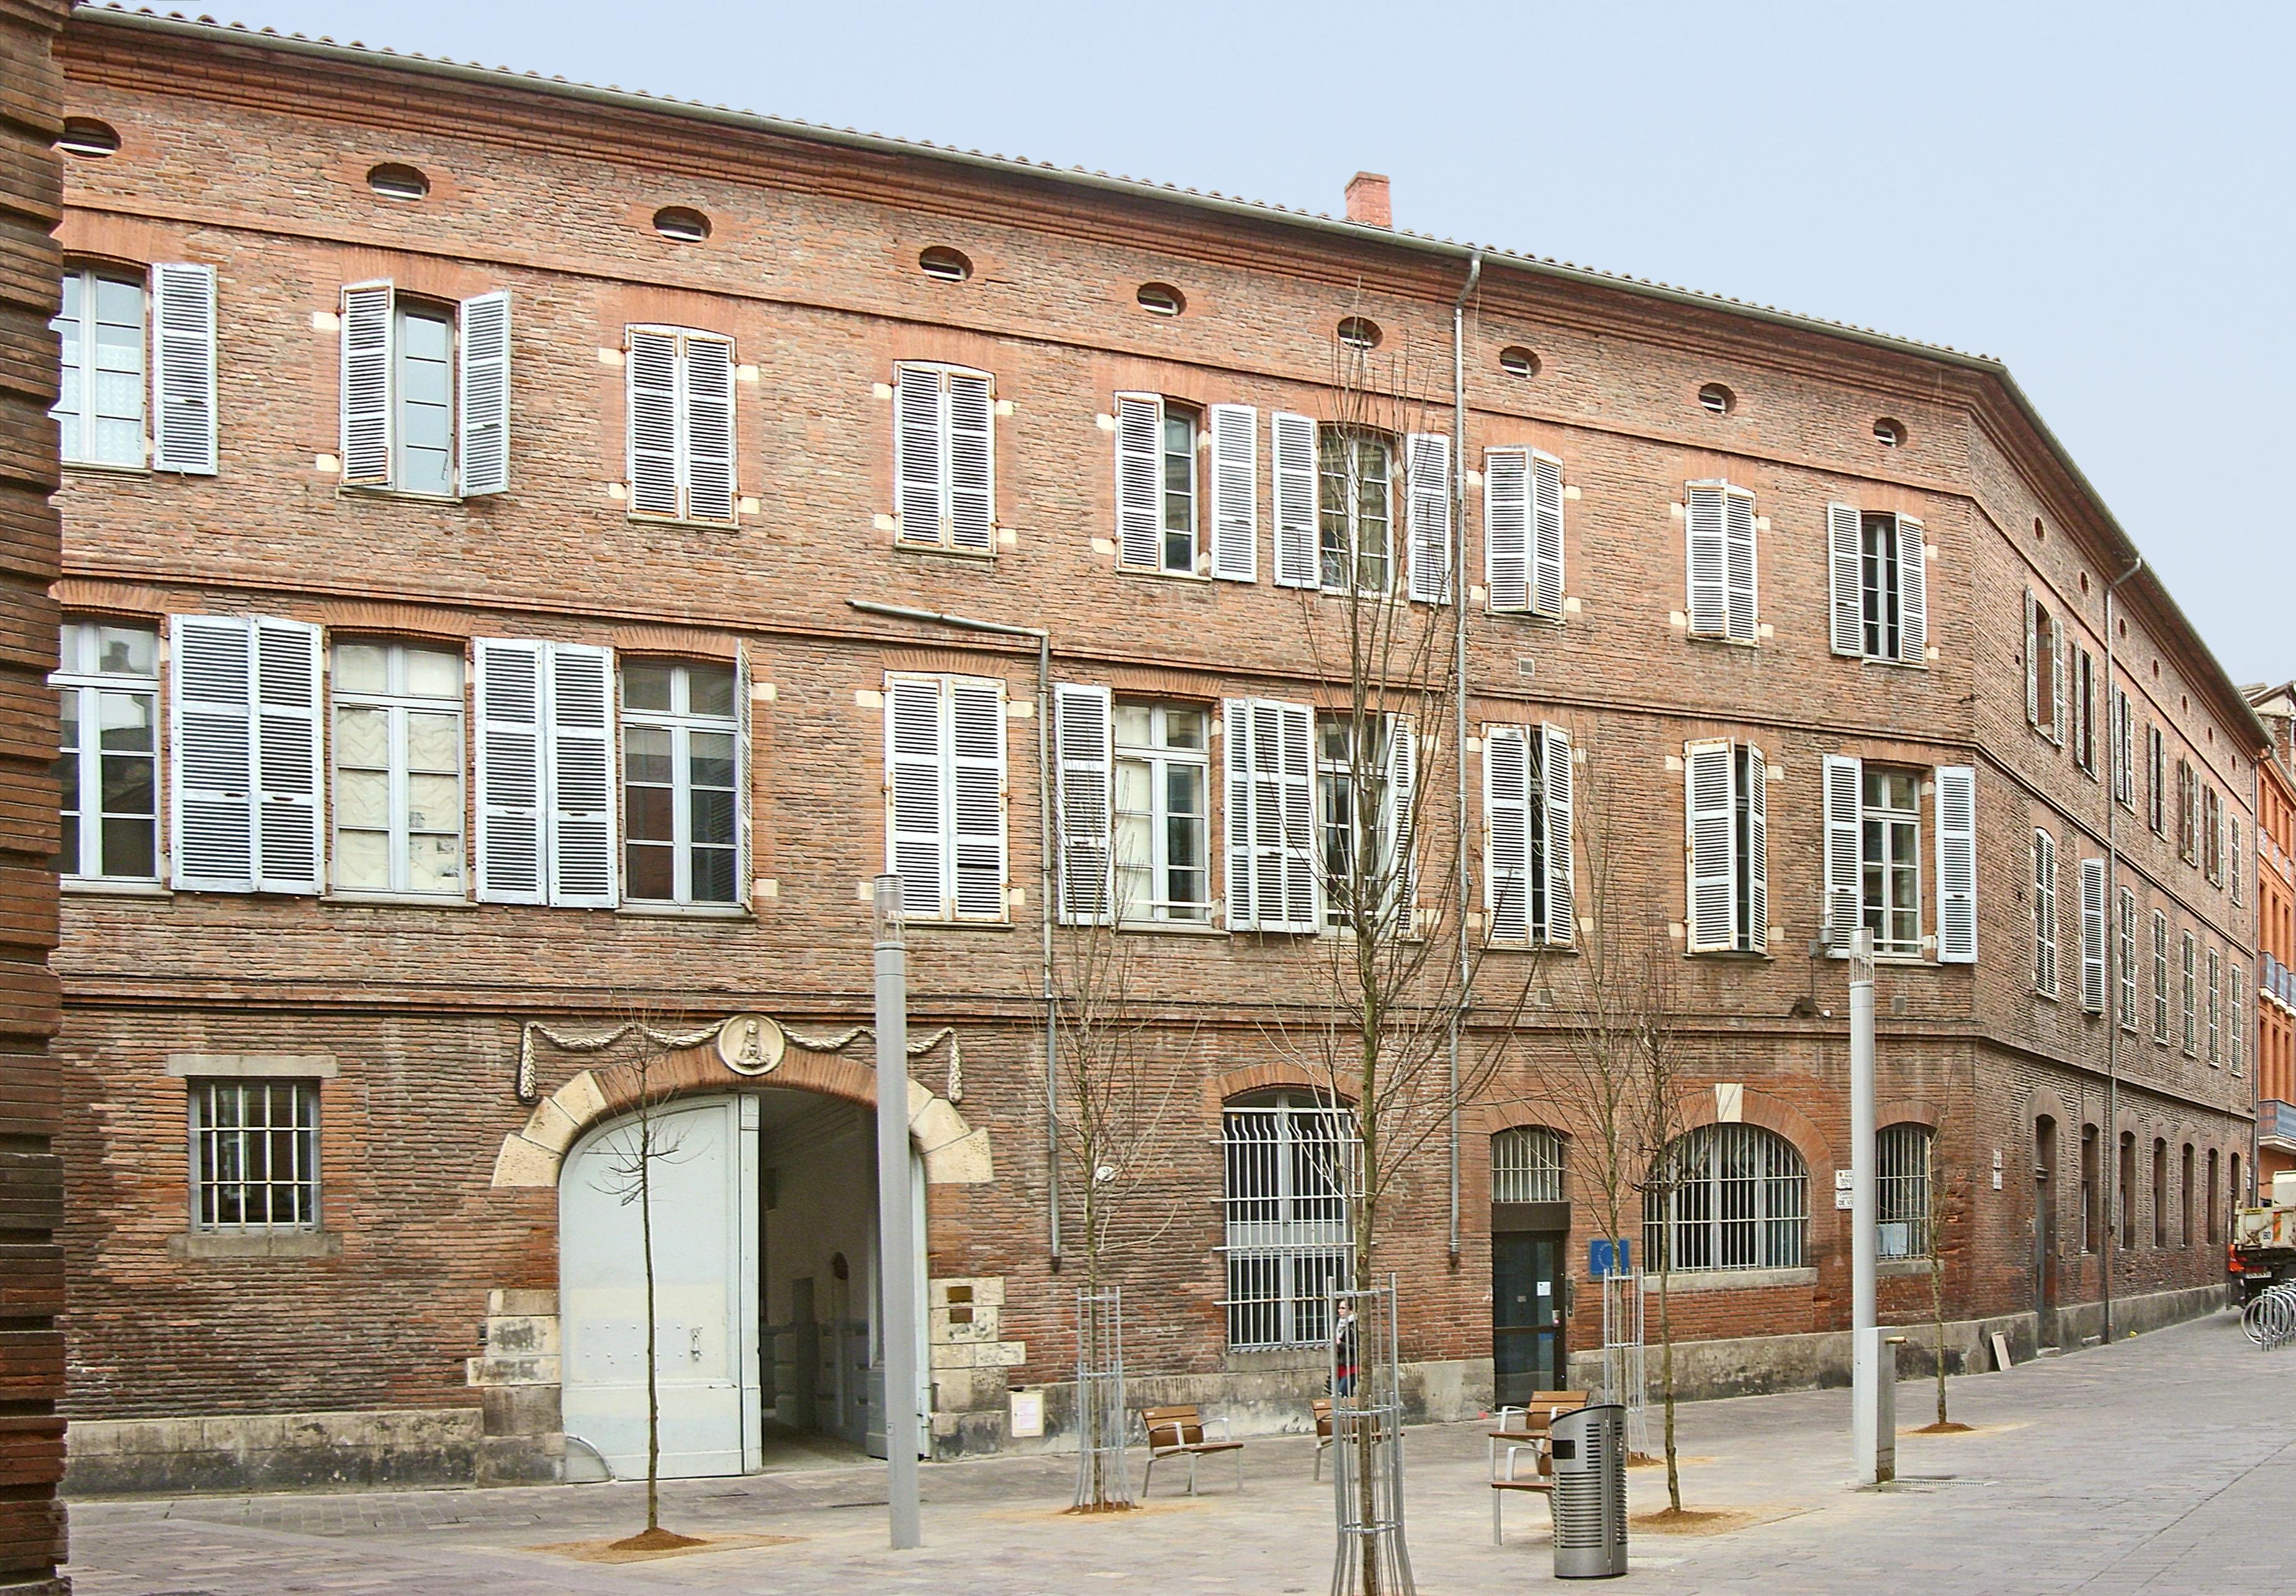 Collège de Foix (Toulouse). Façade et porche d'entrée. © Didier Descouens